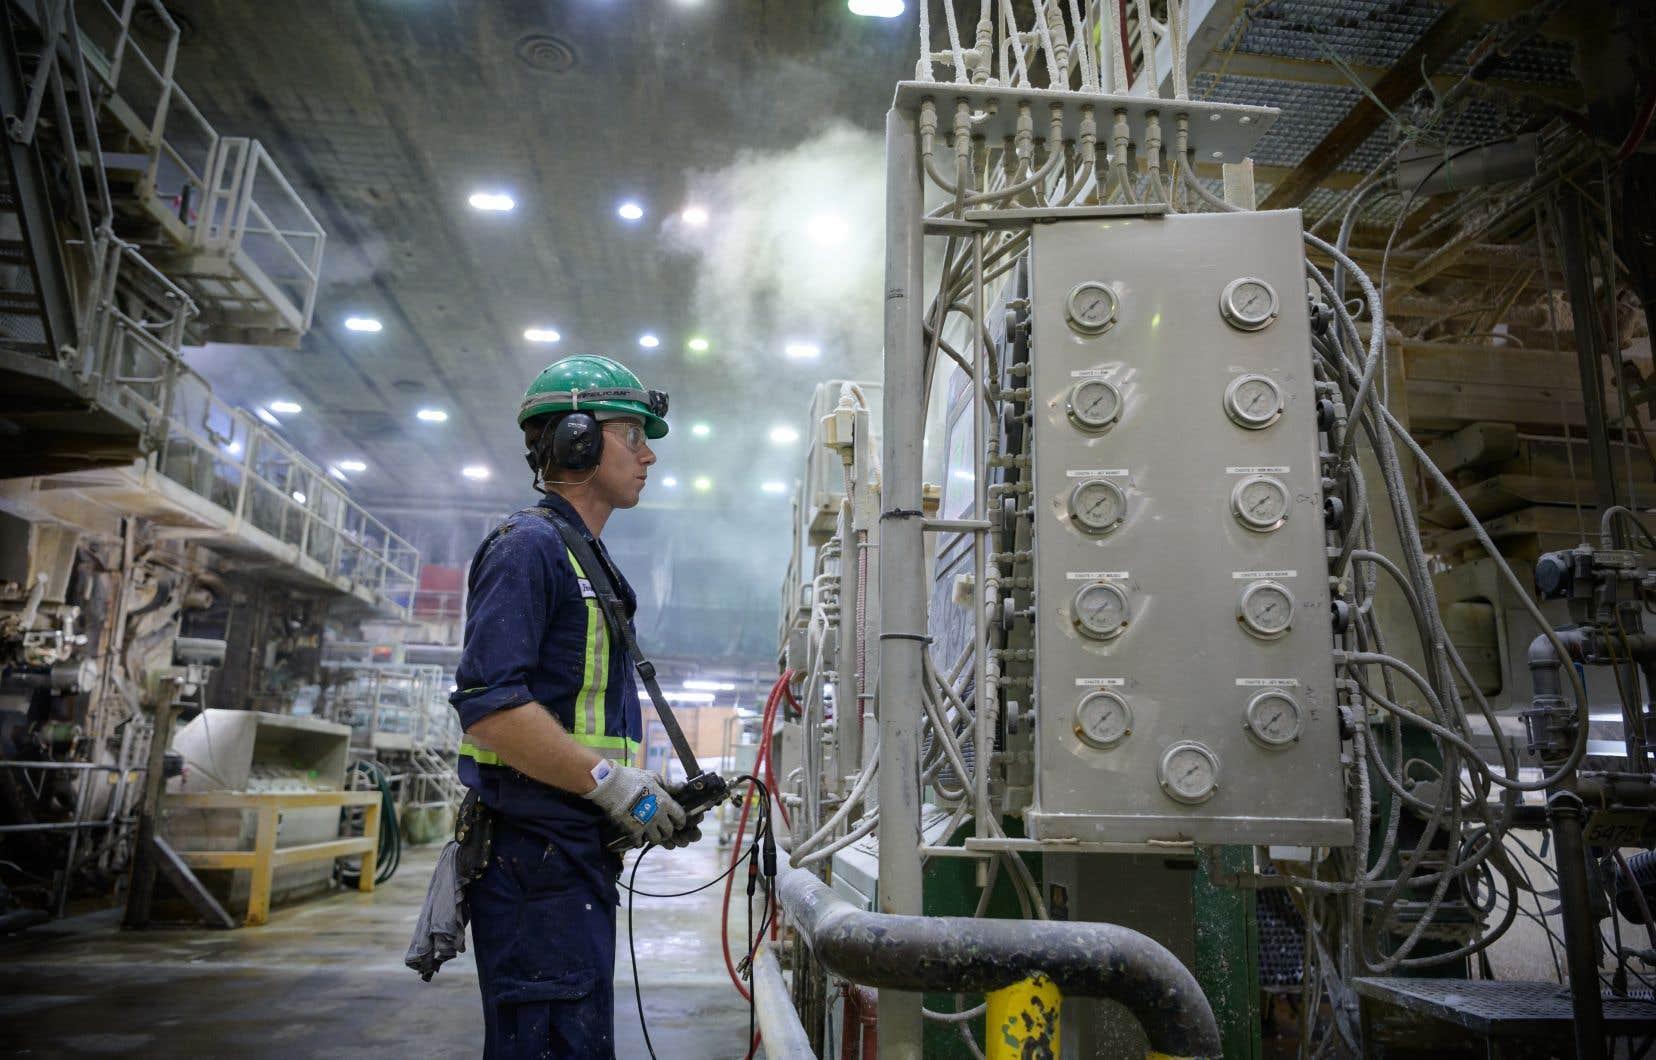 L'usine de Kruger, à Gatineau, où les travailleurs sont mis à contribution pour déceler les gaspillages d'énergie dans la chaîne de production.